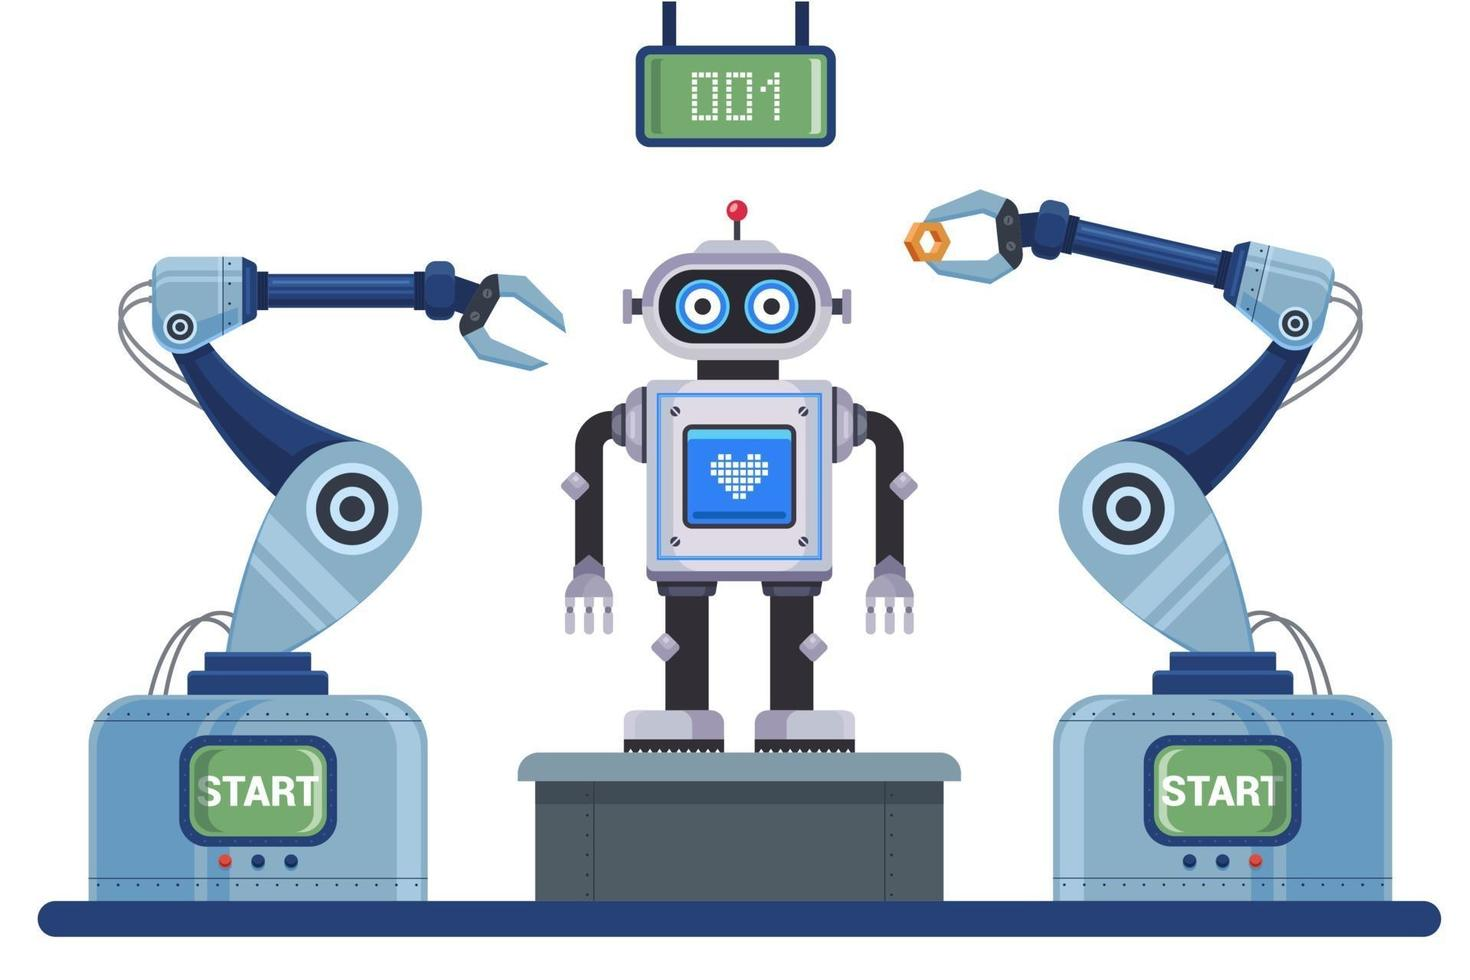 convoyeur mécanisé pour l'assemblage du robot. illustration vectorielle de caractère plat. vecteur